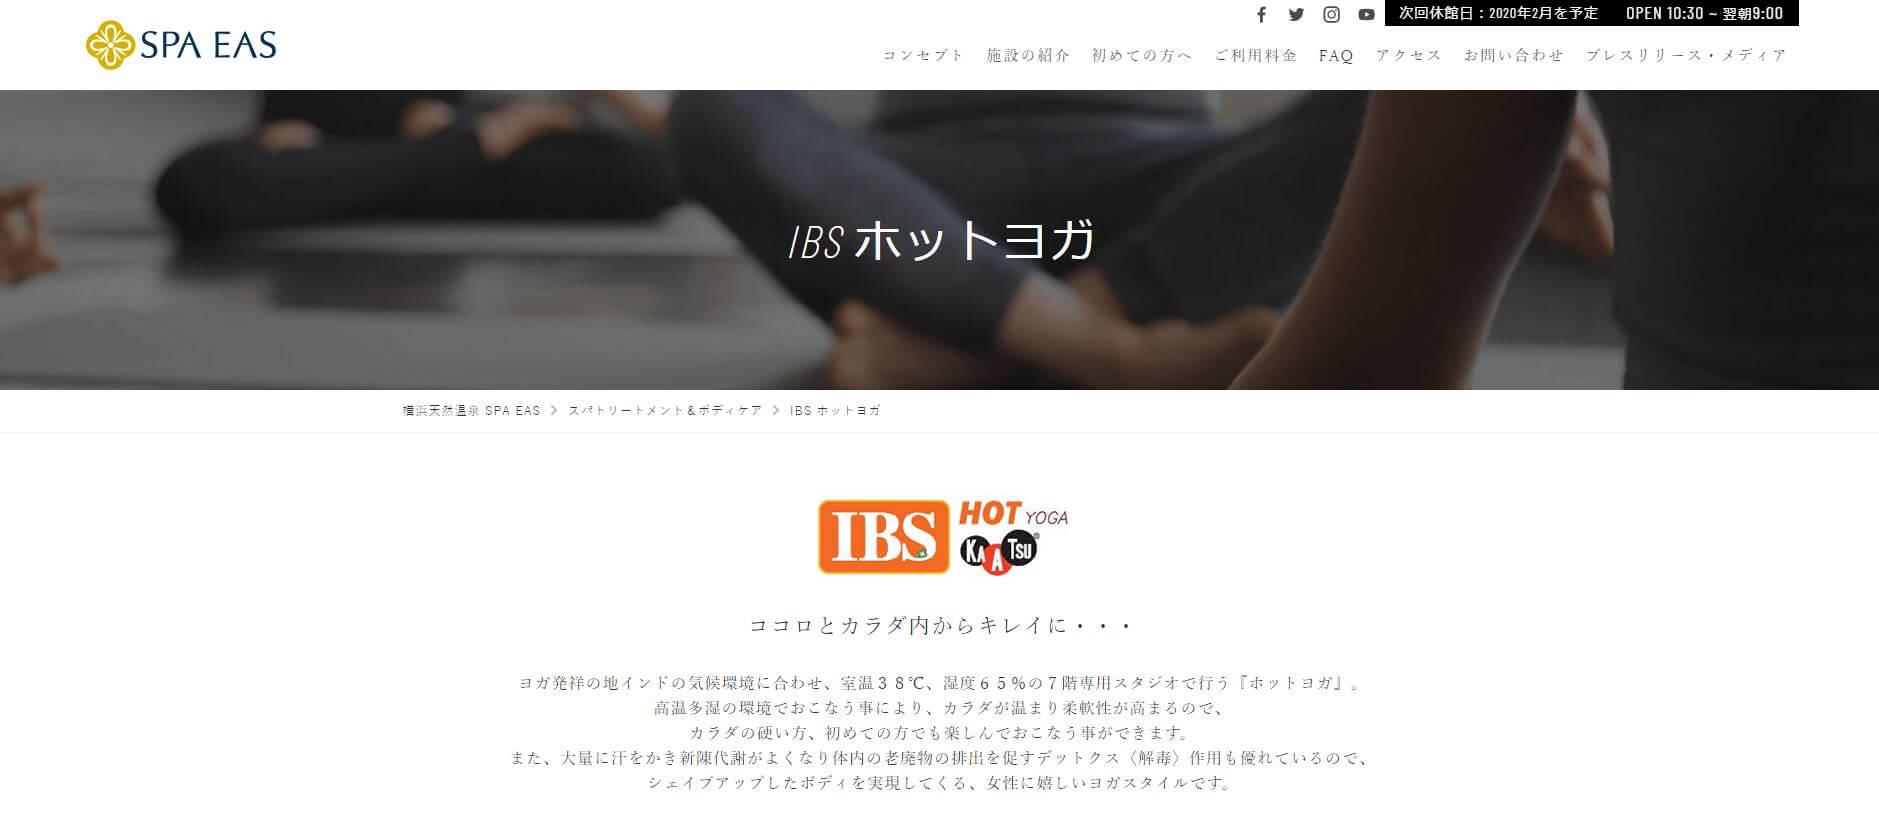 IBS 横浜